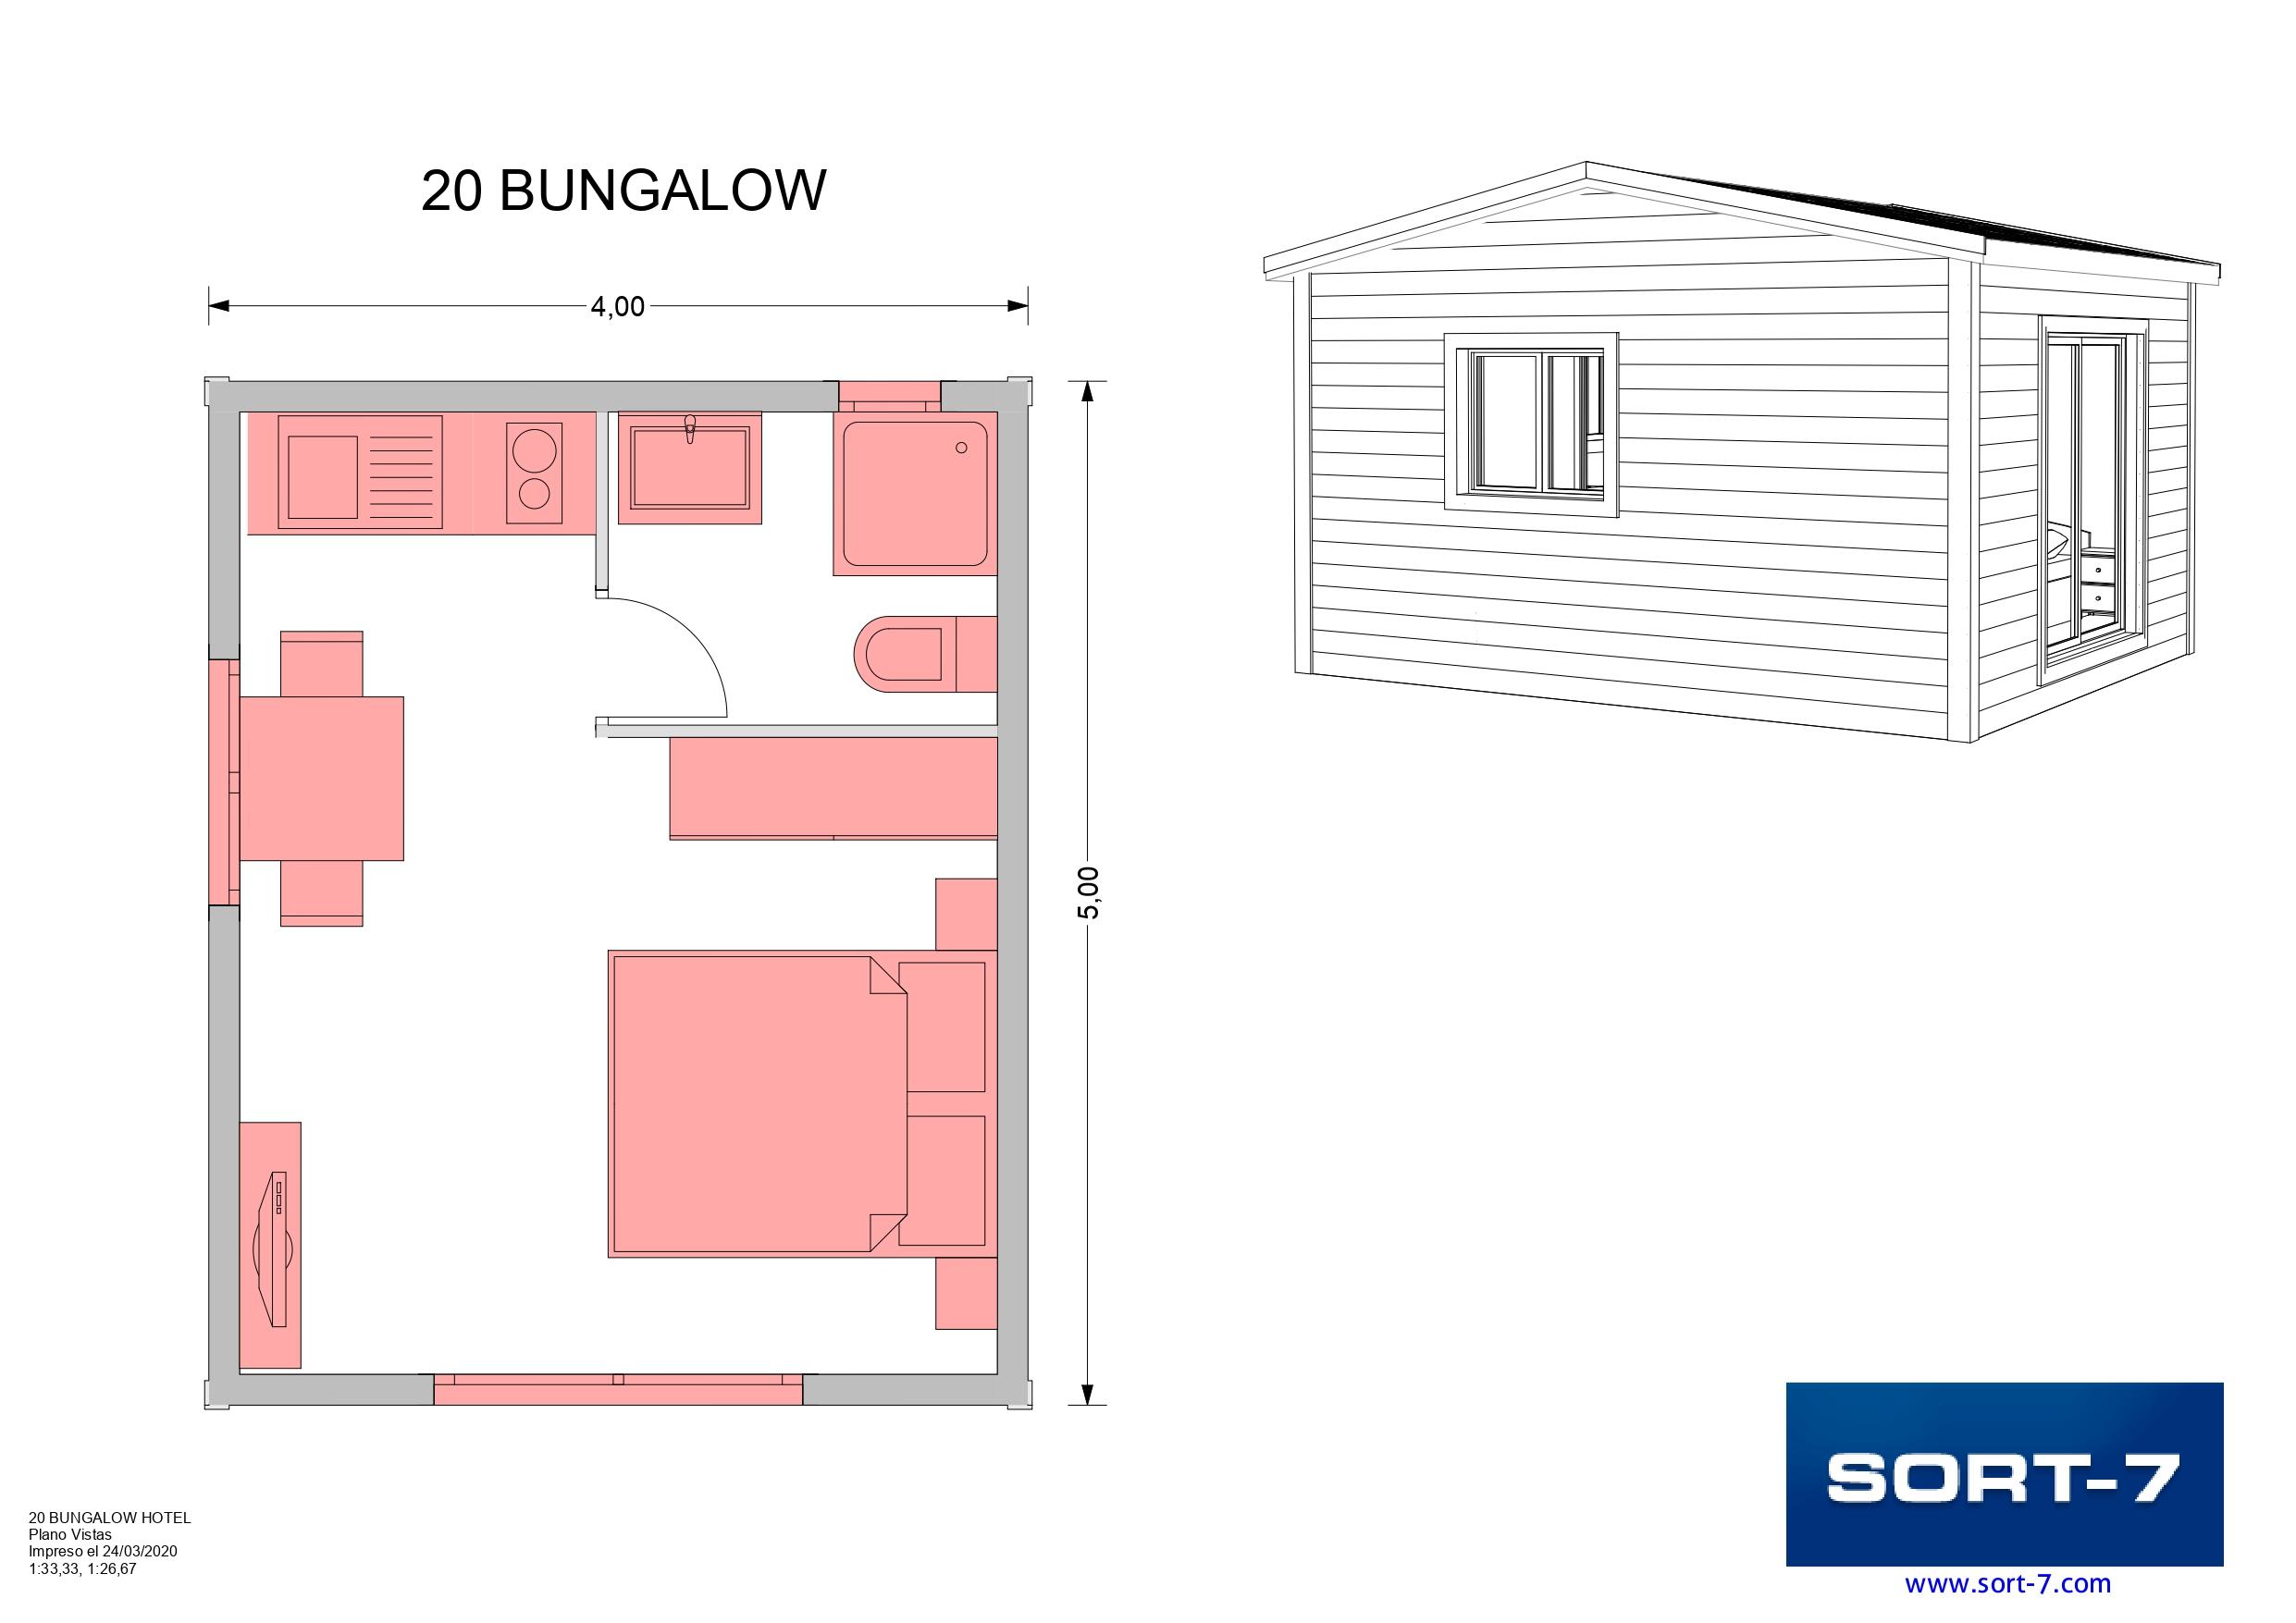 Solicitar presupuesto: Modelo 20m² Bungalow - 16b79-20-BUNGALOW-HOTEL-vista2_page-0001.jpg